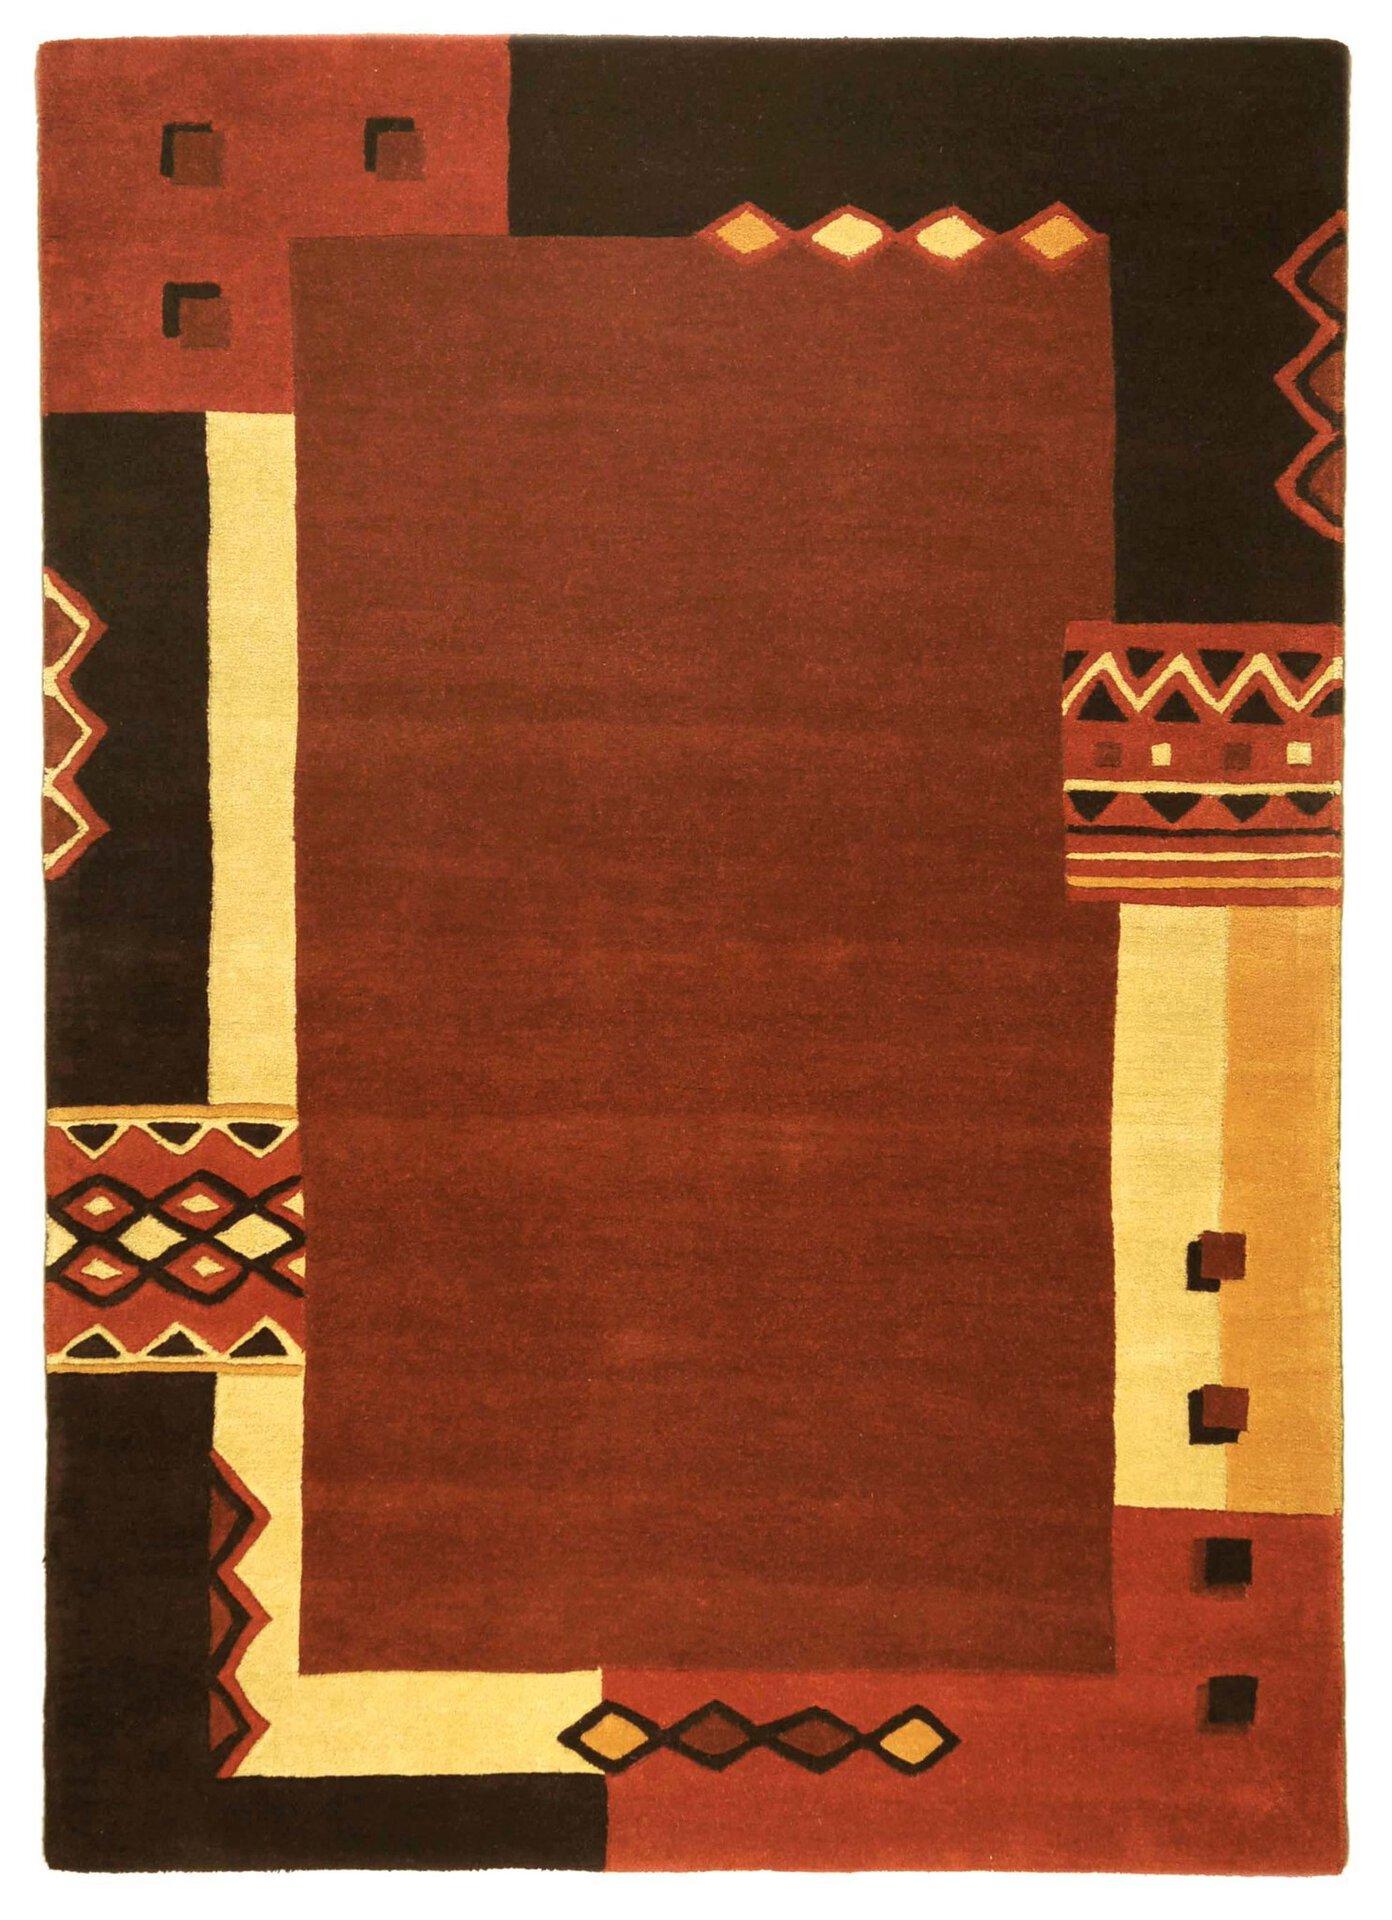 Handtuftteppich Florida Theko Textil orange 1 cm